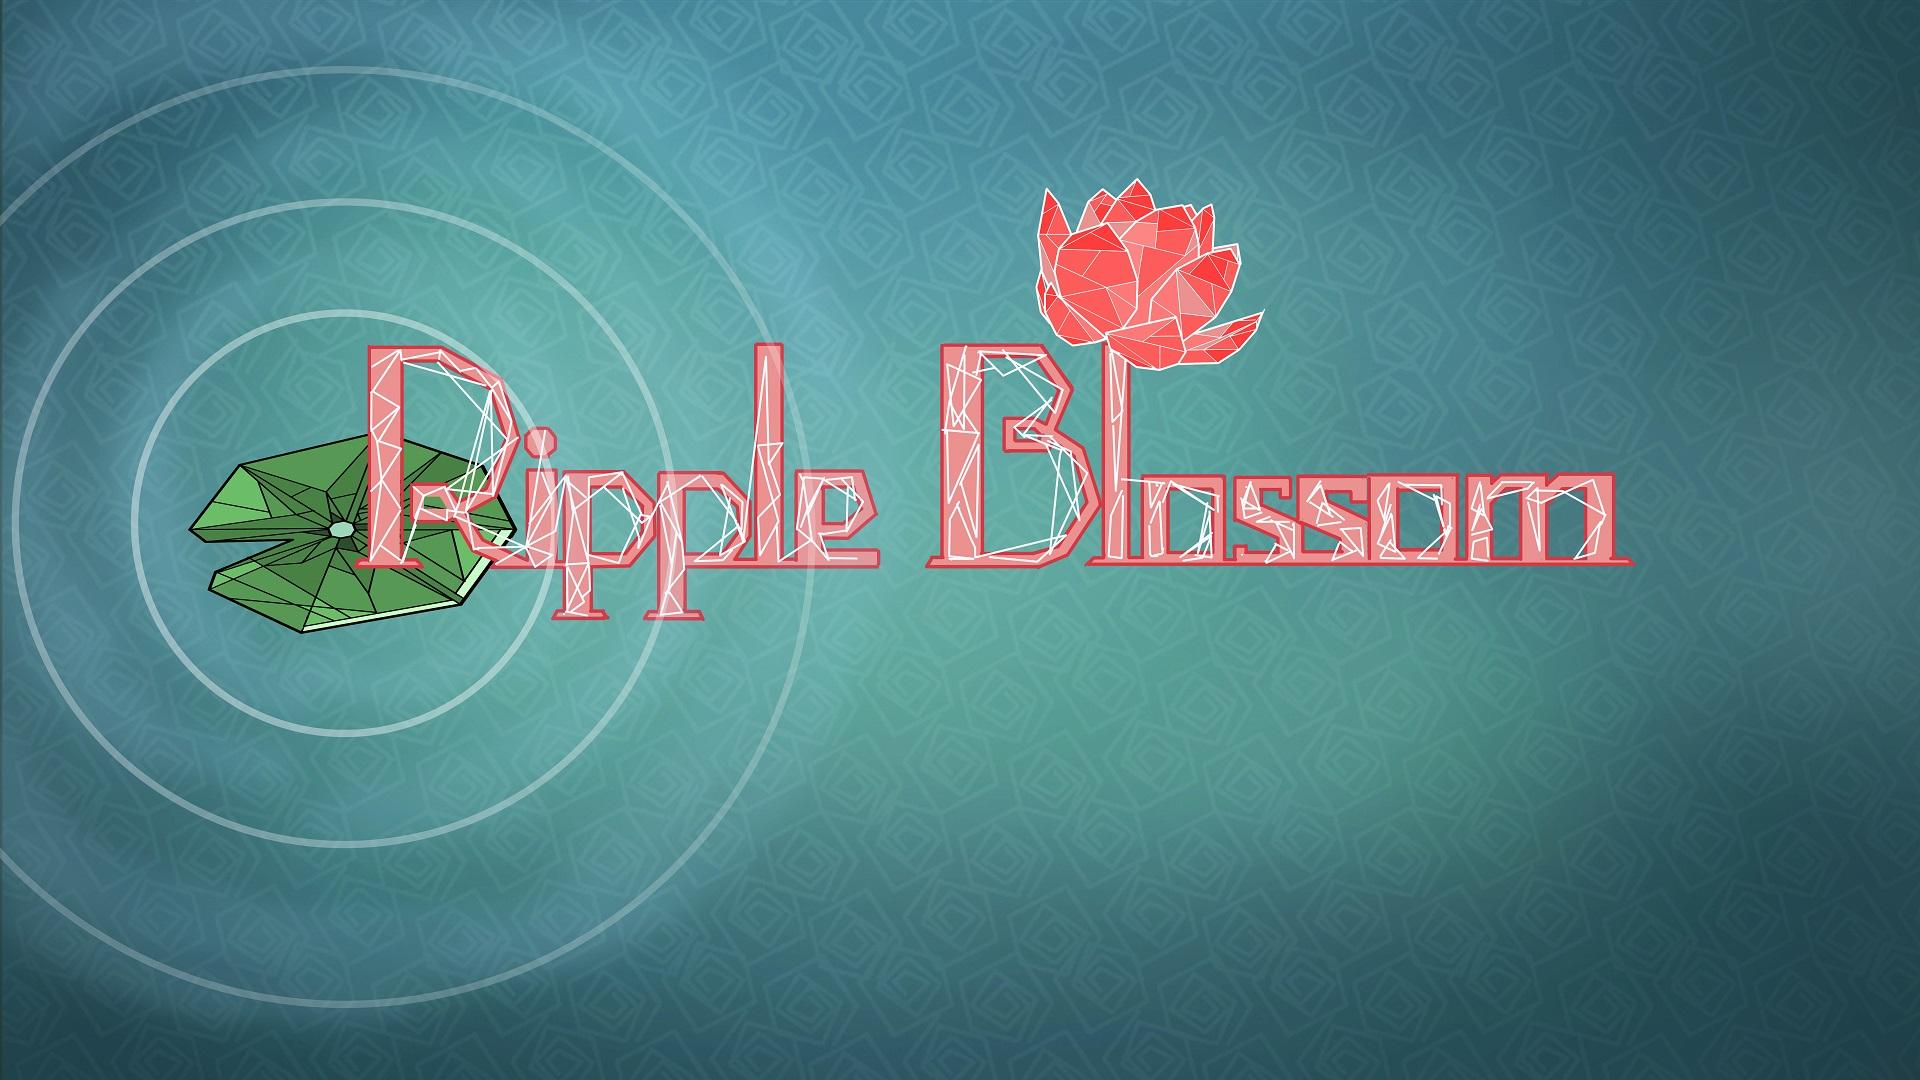 Ripple Blossom